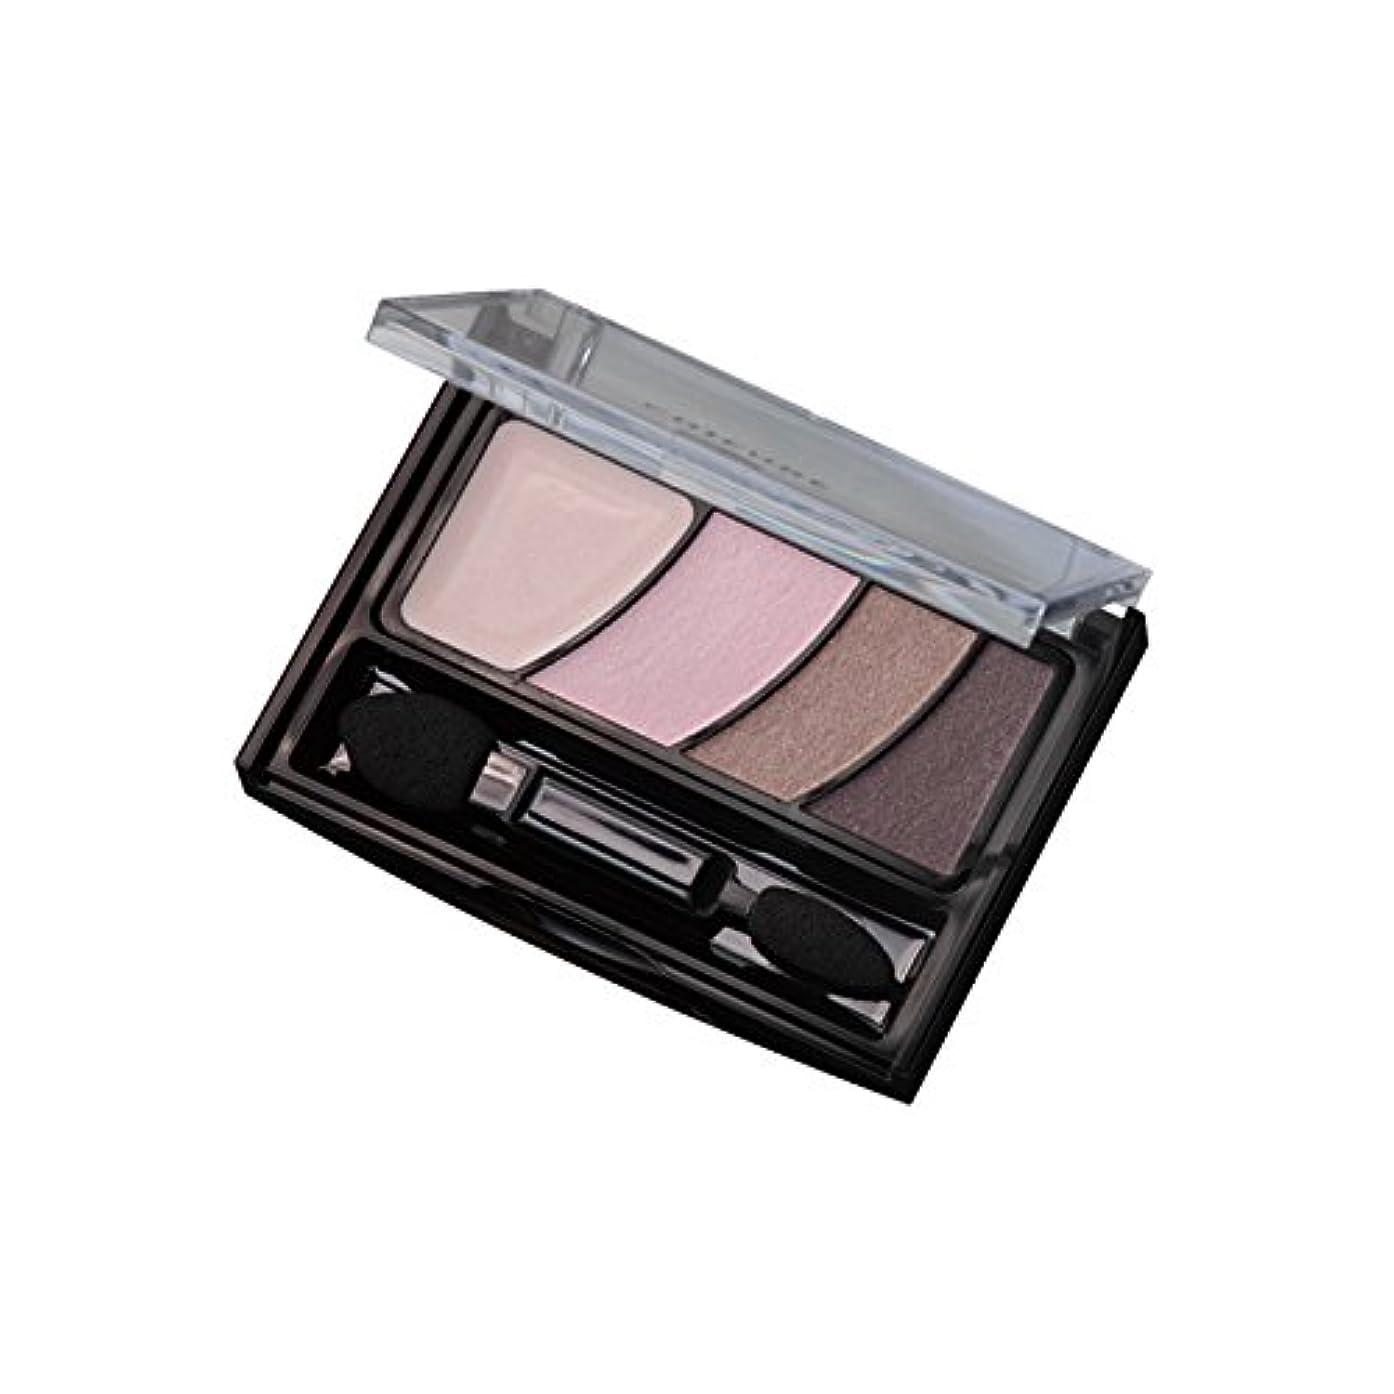 何故なの確保する革命ちふれ化粧品 グラデーション アイ カラー(チップ付) 12 ピンク系 アイカラー12